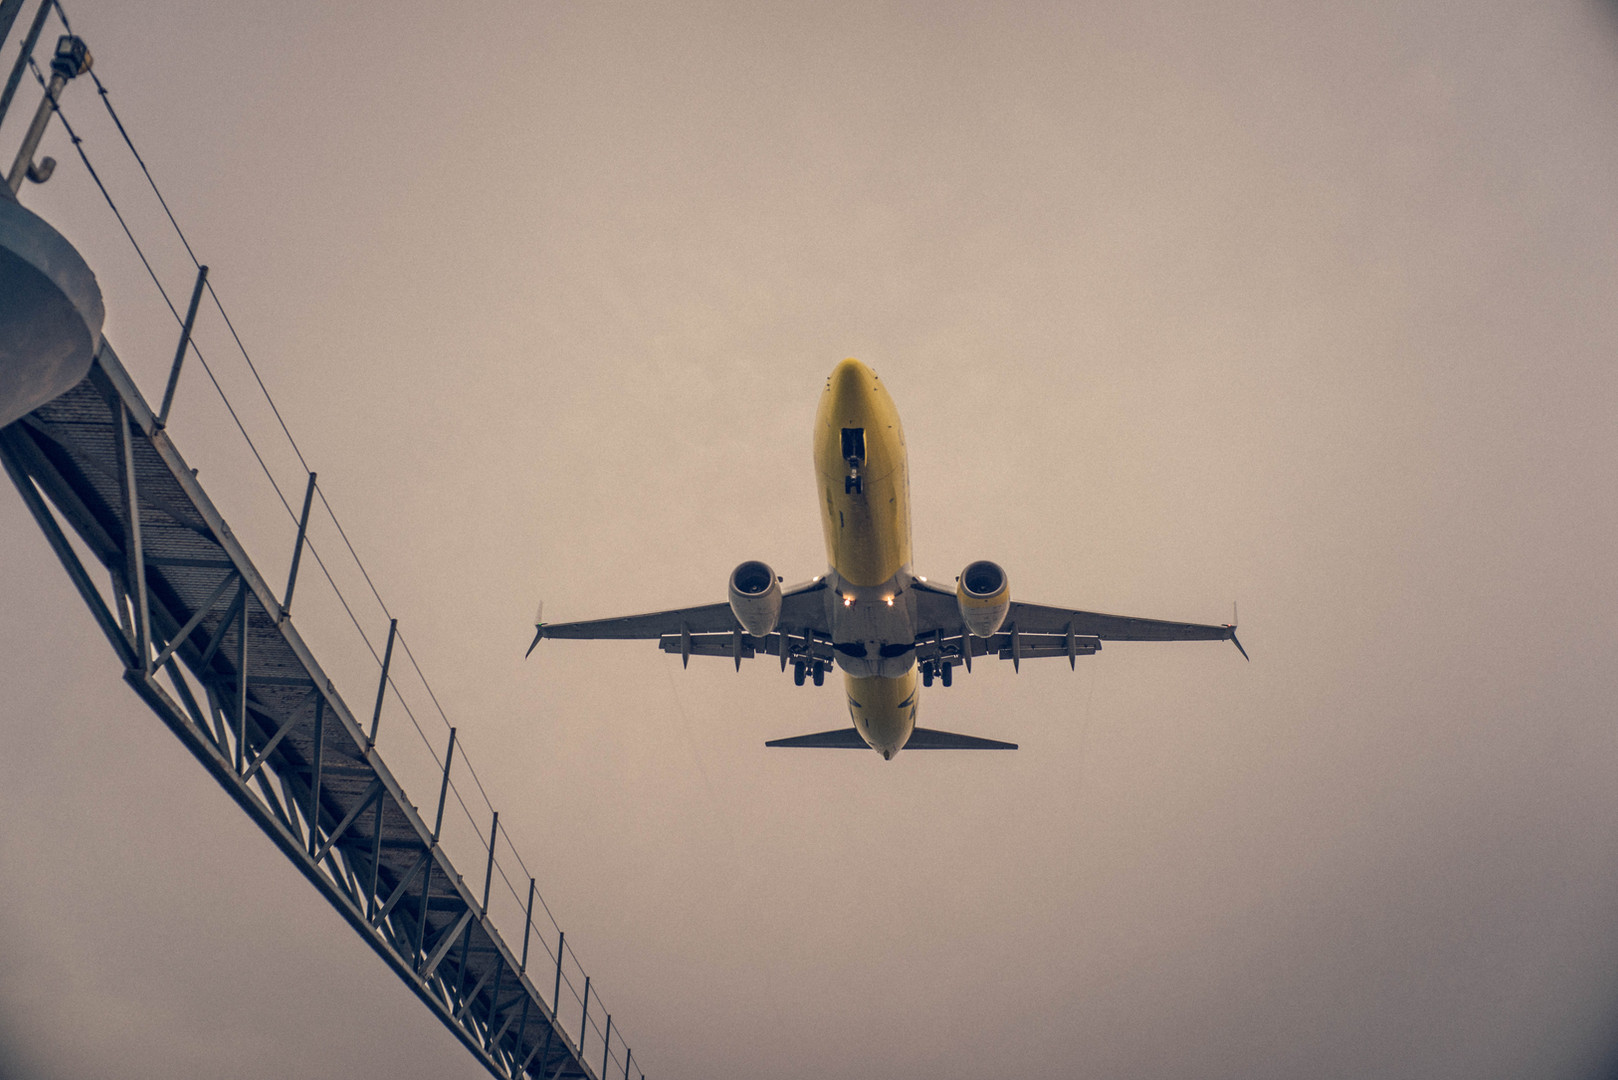 aeroplane-air-air-force-612877.jpg